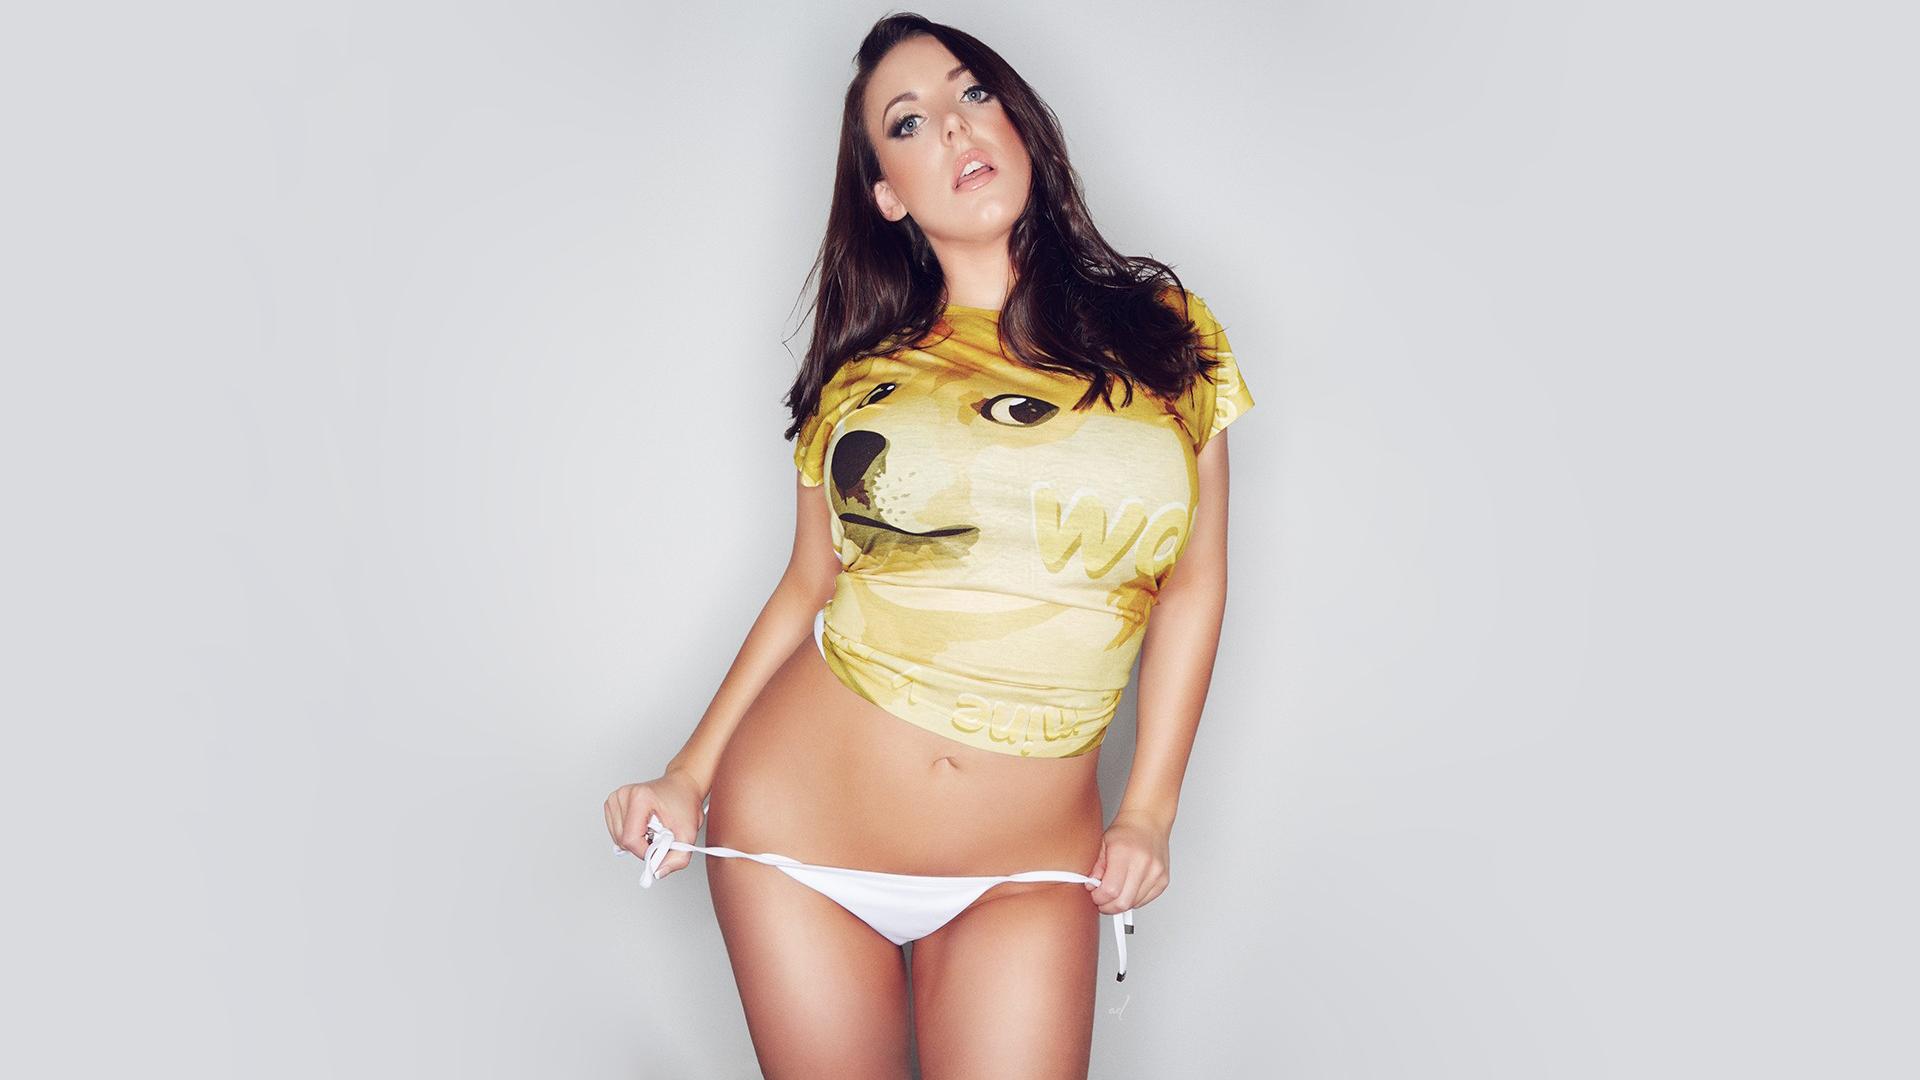 Angela White Pornstar Brunette Simple Background Big Boobs